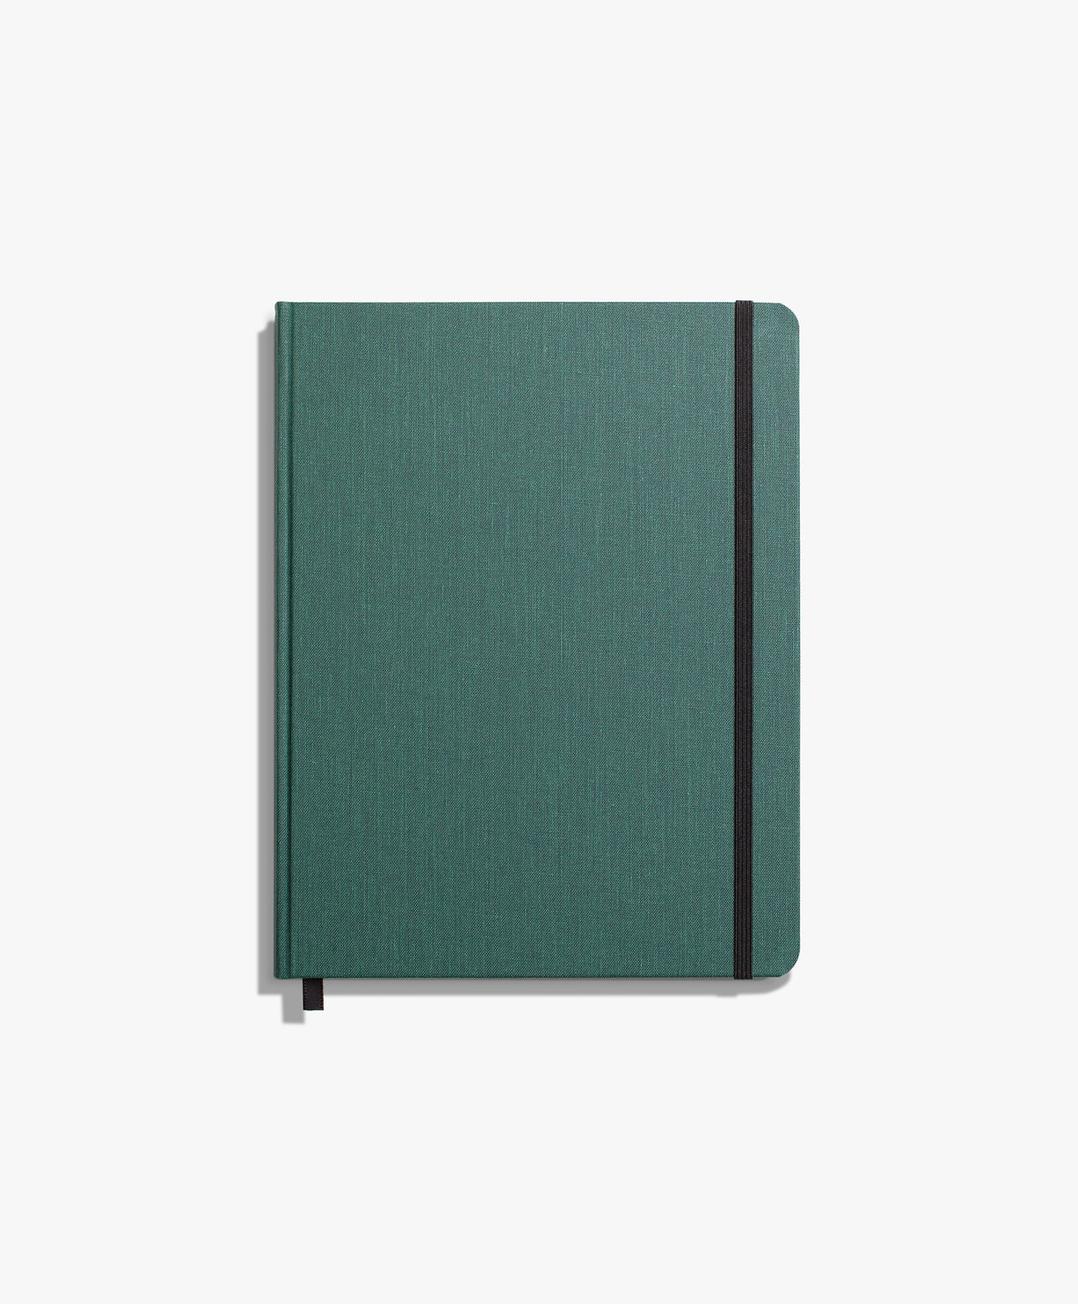 Linen Wedding Anniversary Gifts, Notebook